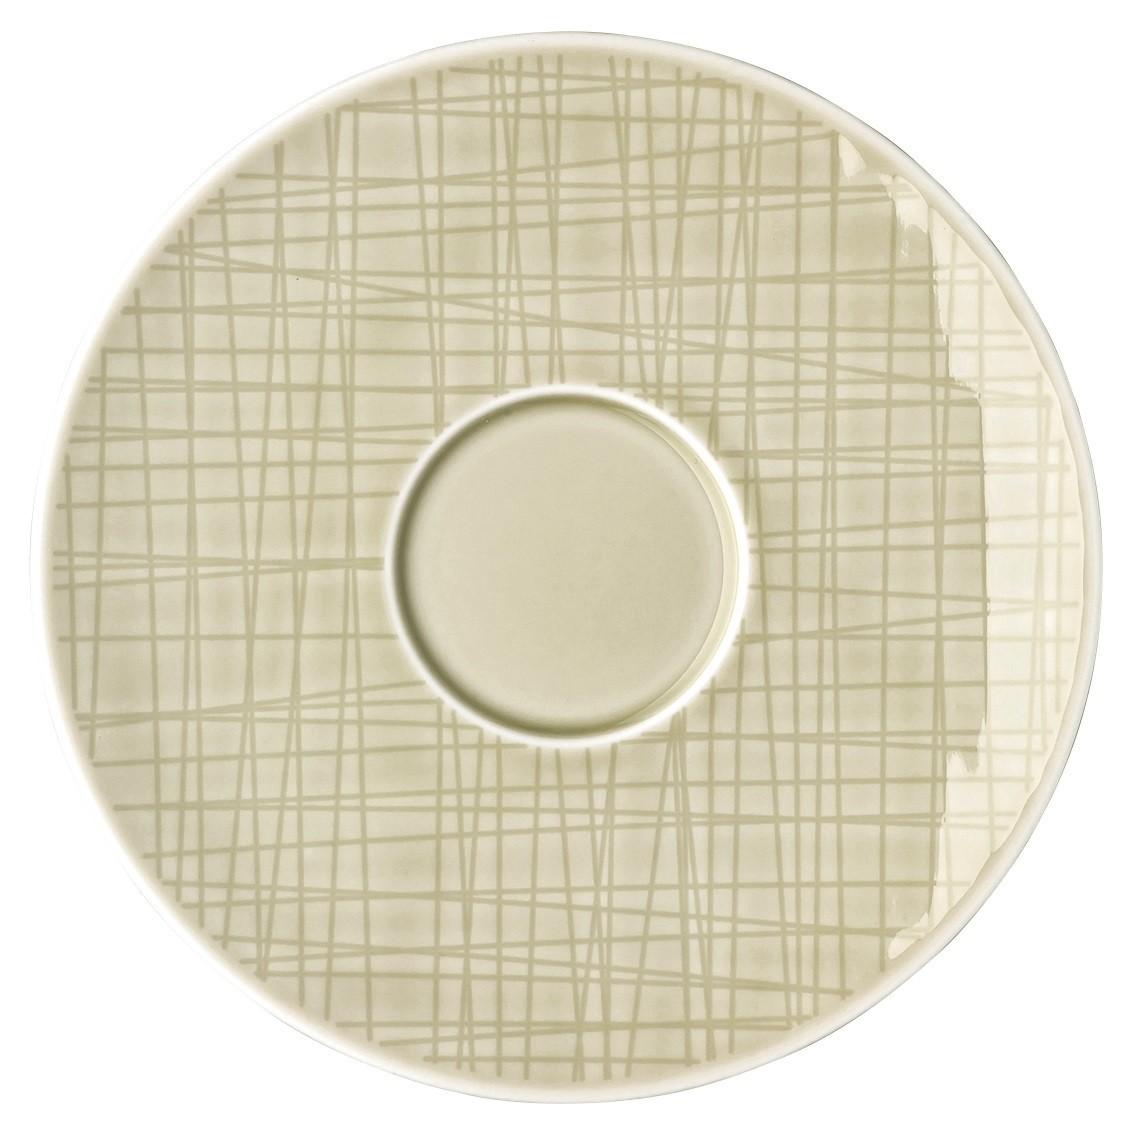 rosenthal mesh kaffee untertasse online kaufen bei woonio. Black Bedroom Furniture Sets. Home Design Ideas